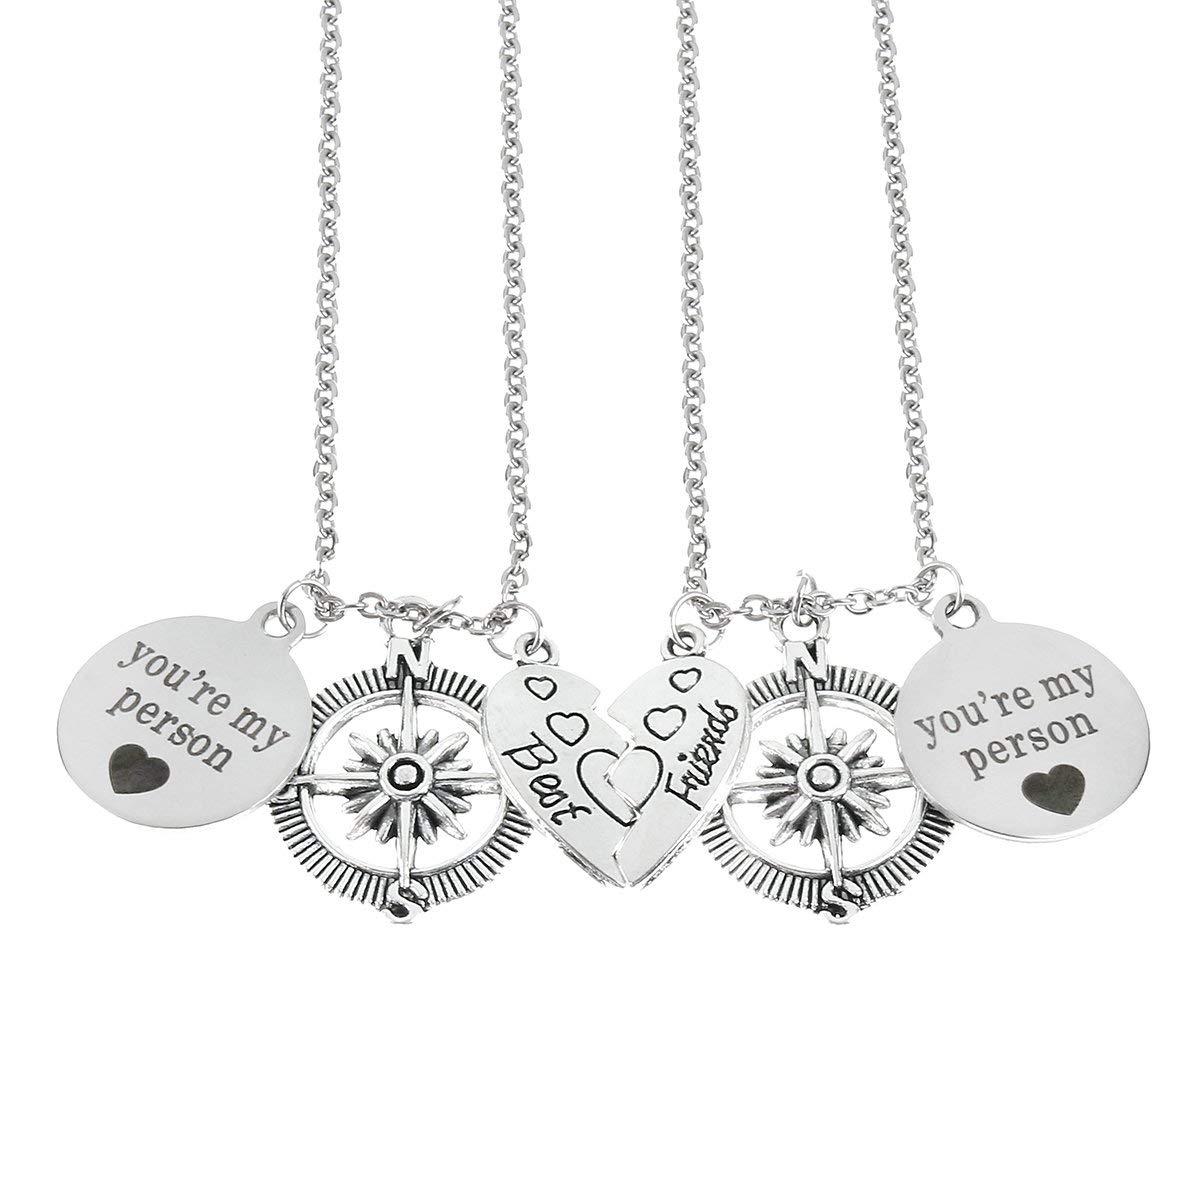 f9cc4d4946 Get Quotations · Best Friends You're My Person Compass Necklace Set Heart  Best Friend Necklaces Half Broken